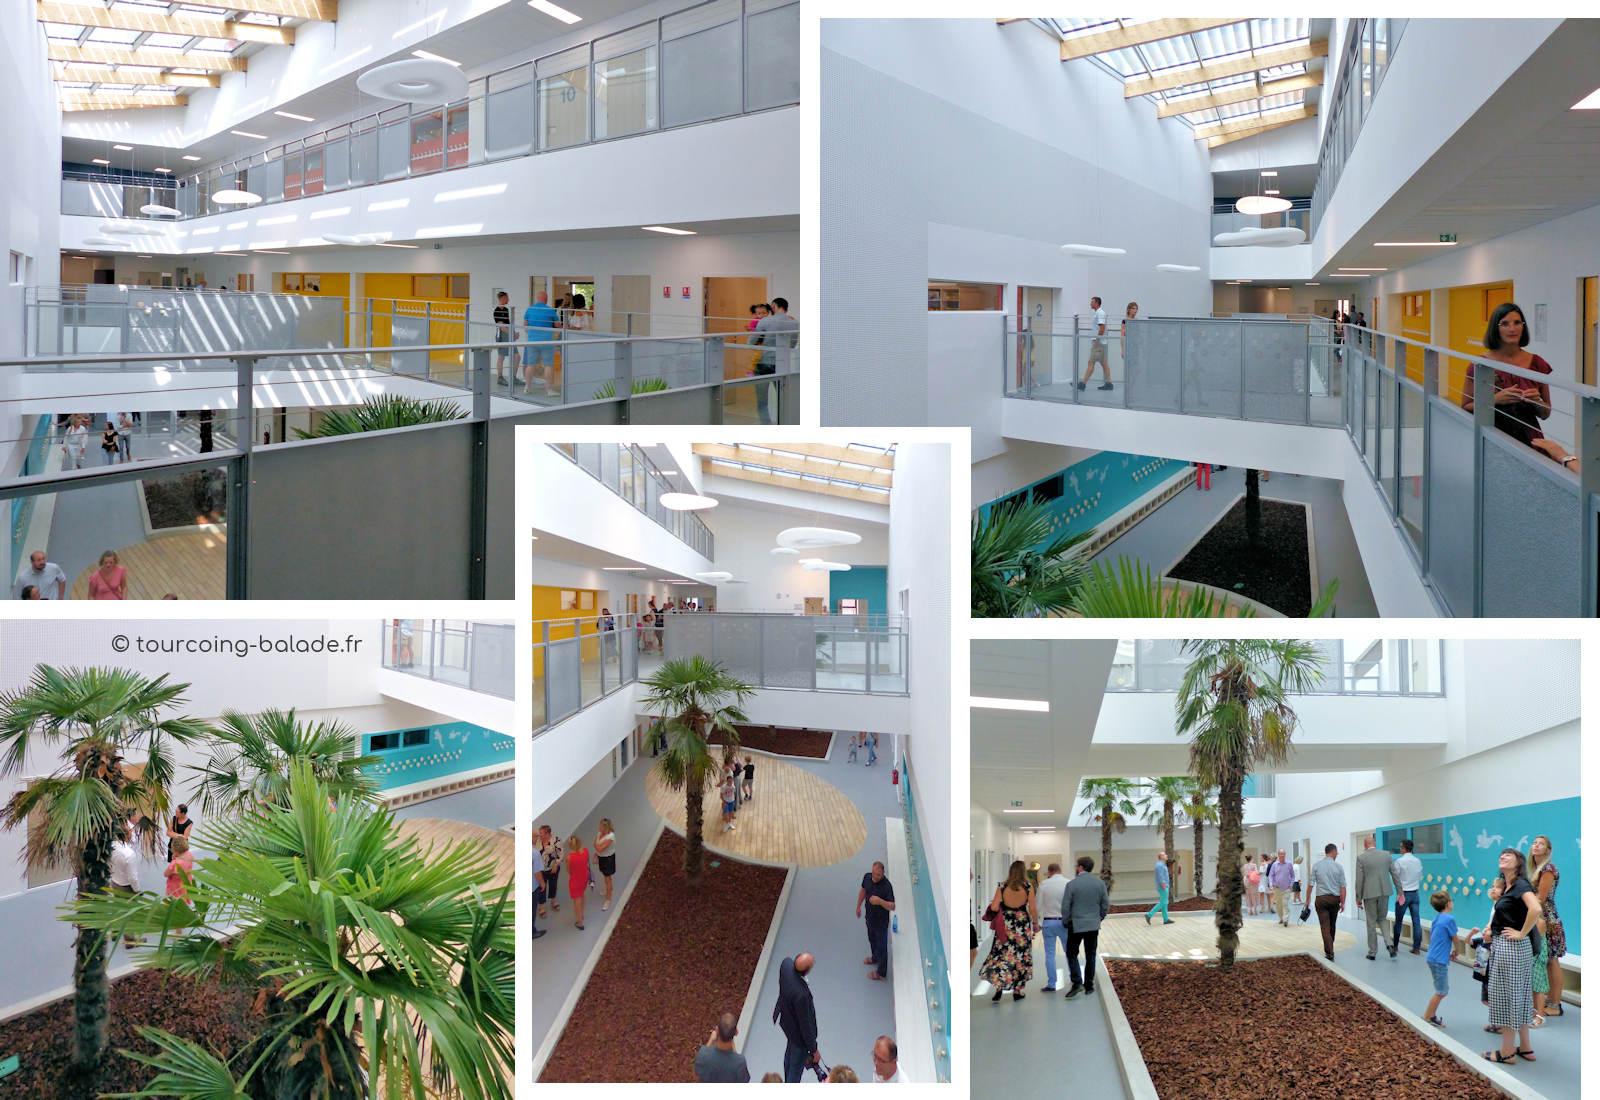 École Charles de Gaulle, Tourcoing - Atrium